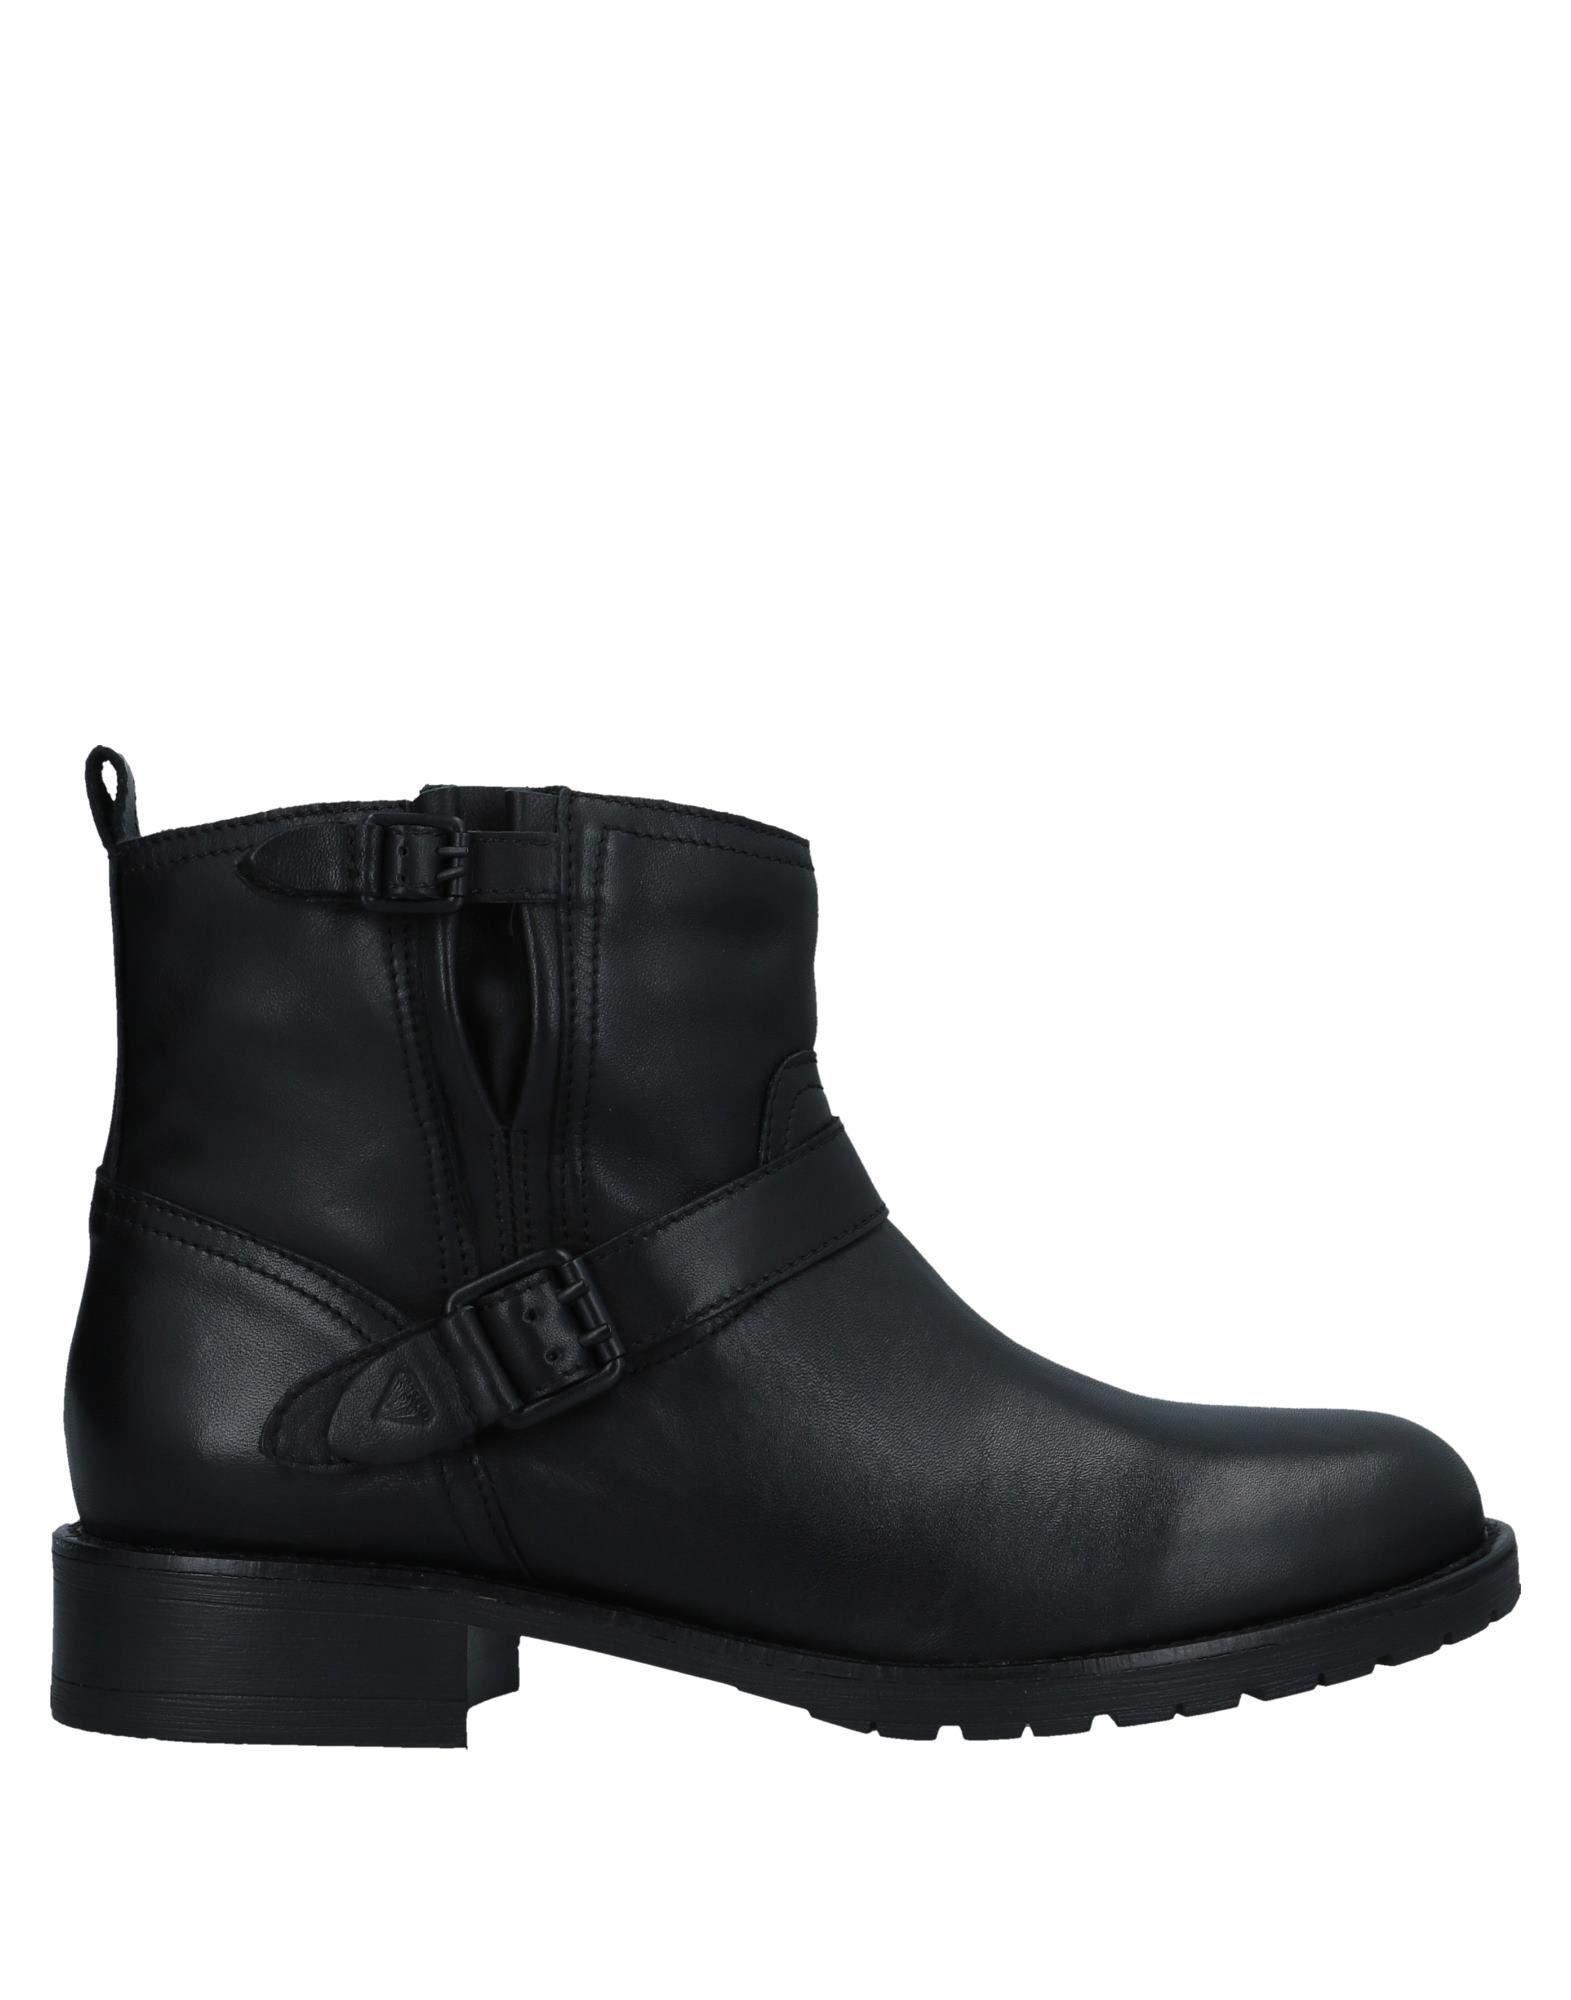 Carmens Stiefelette Damen  11547671QM Gute Qualität beliebte Schuhe